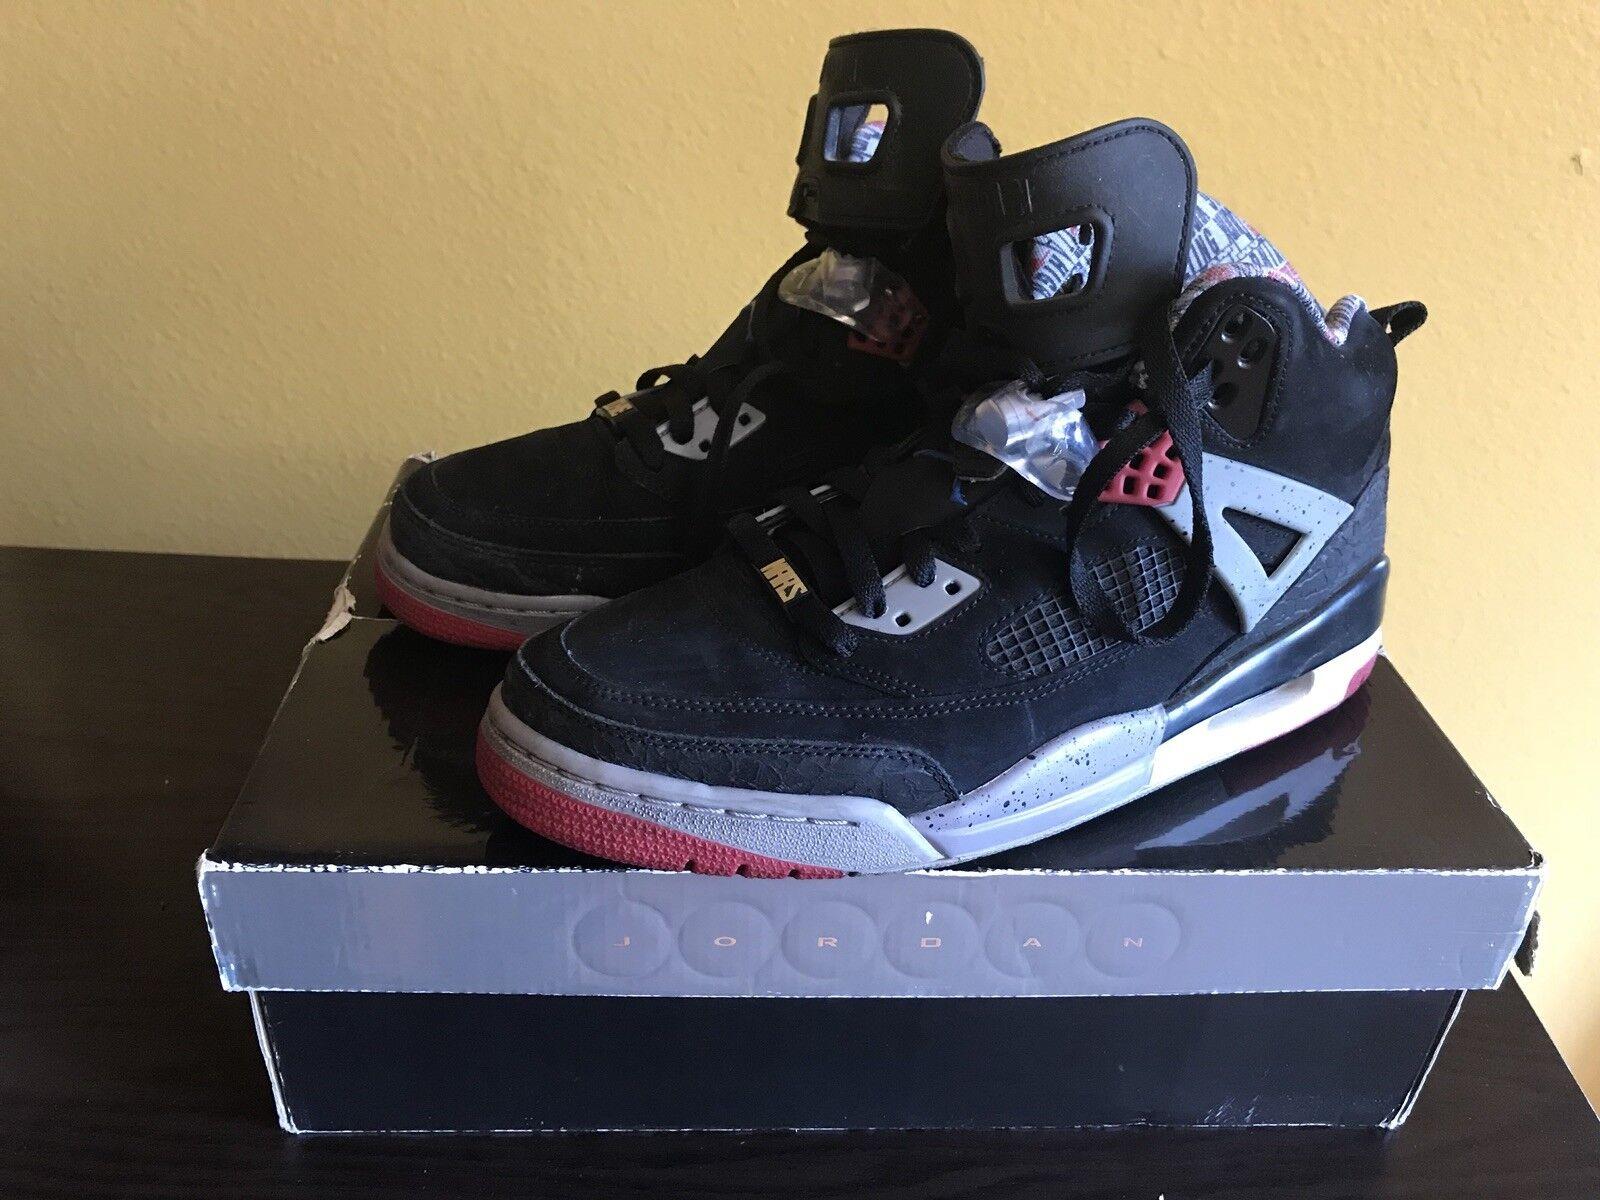 Nike air jordan spizike rosso cemento militari blu 315371-062 sz 10